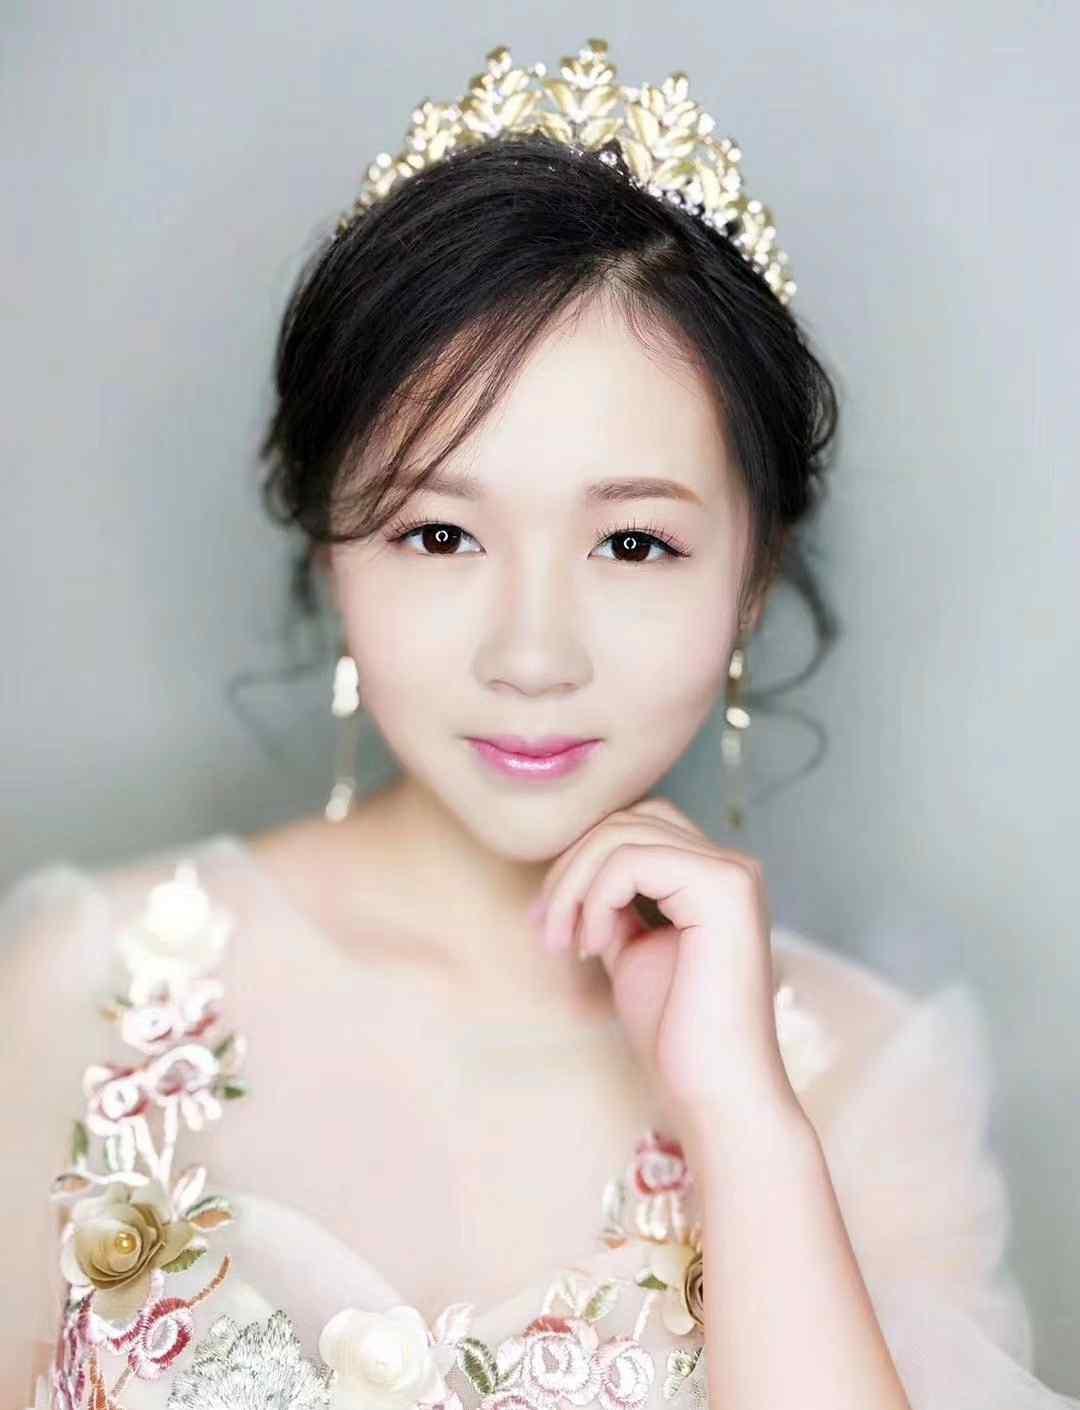 苏州新娘跟妆 做新娘跟妆师收入怎么样?累吗?